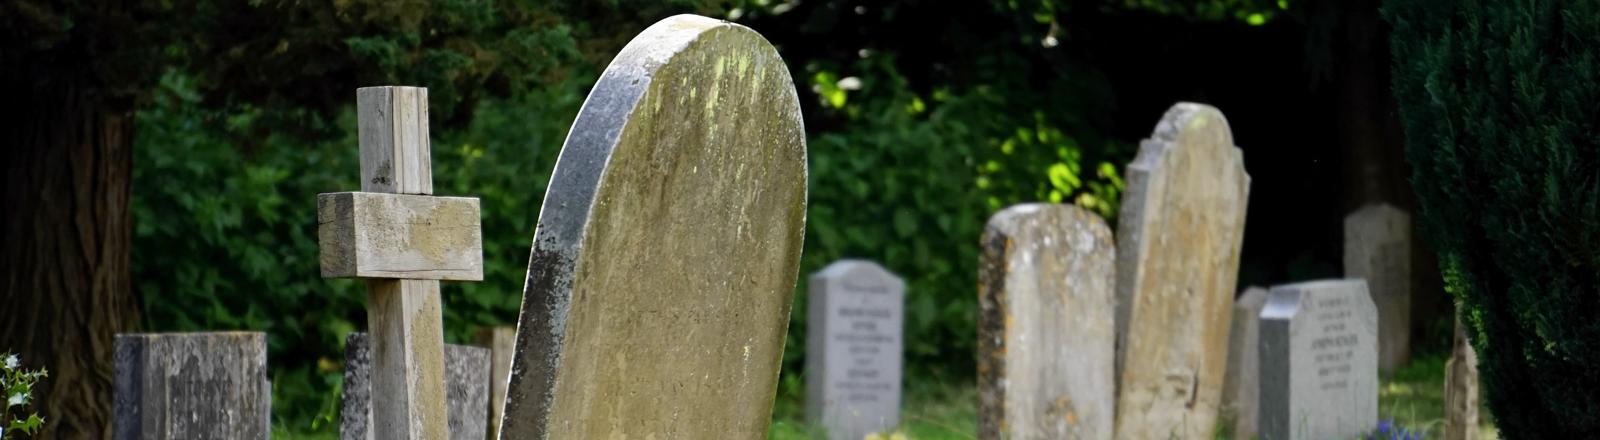 Alte Grabsteine auf einem Friedhof